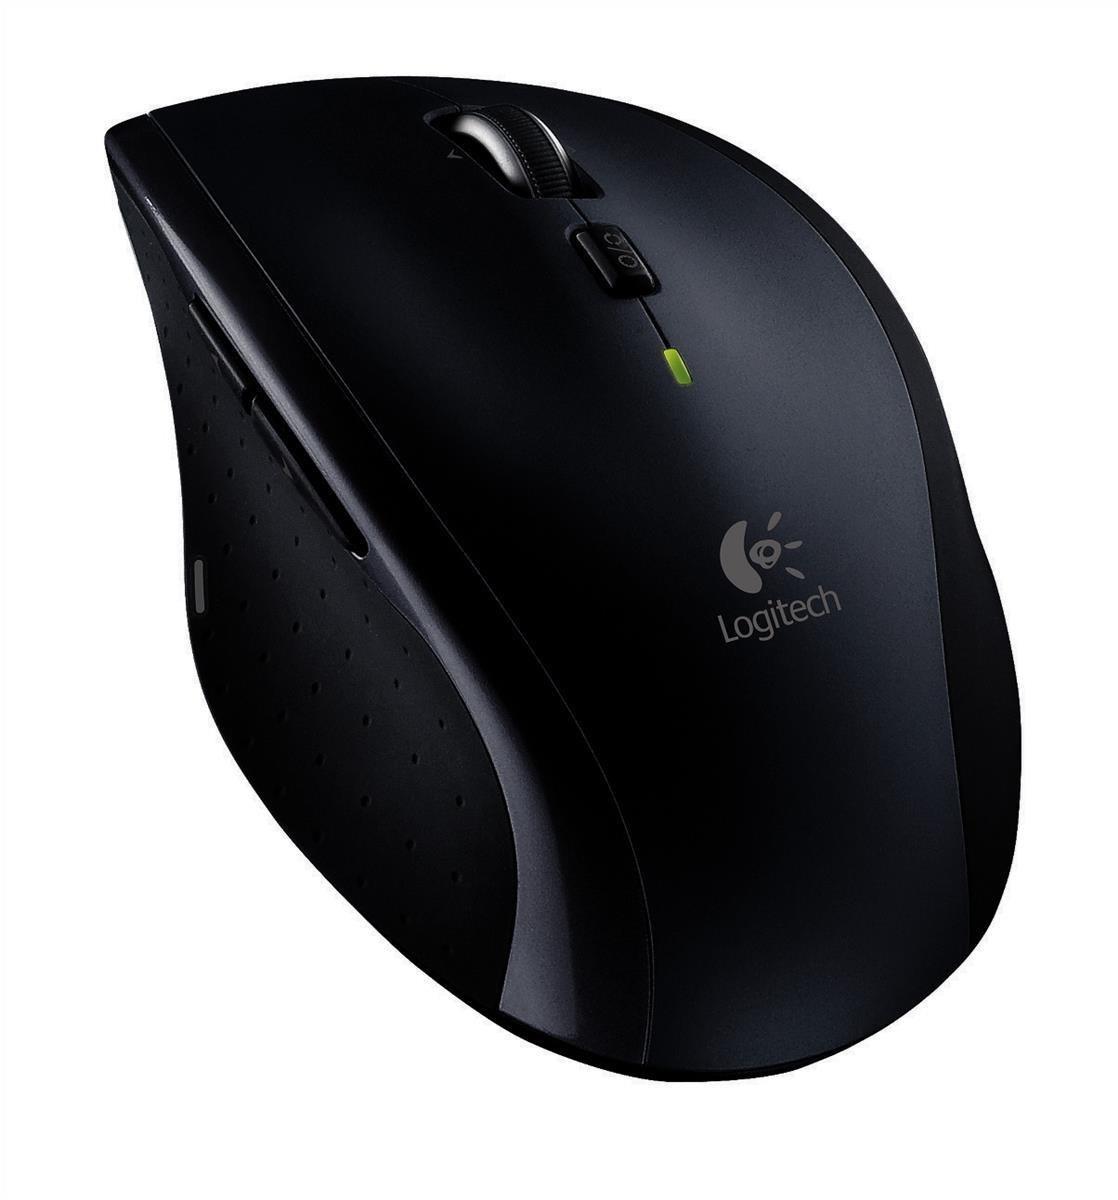 8e3890c3c88 Logitech M705 Marathon USB Optical Wireless Mouse - 910-001949 | CCL ...